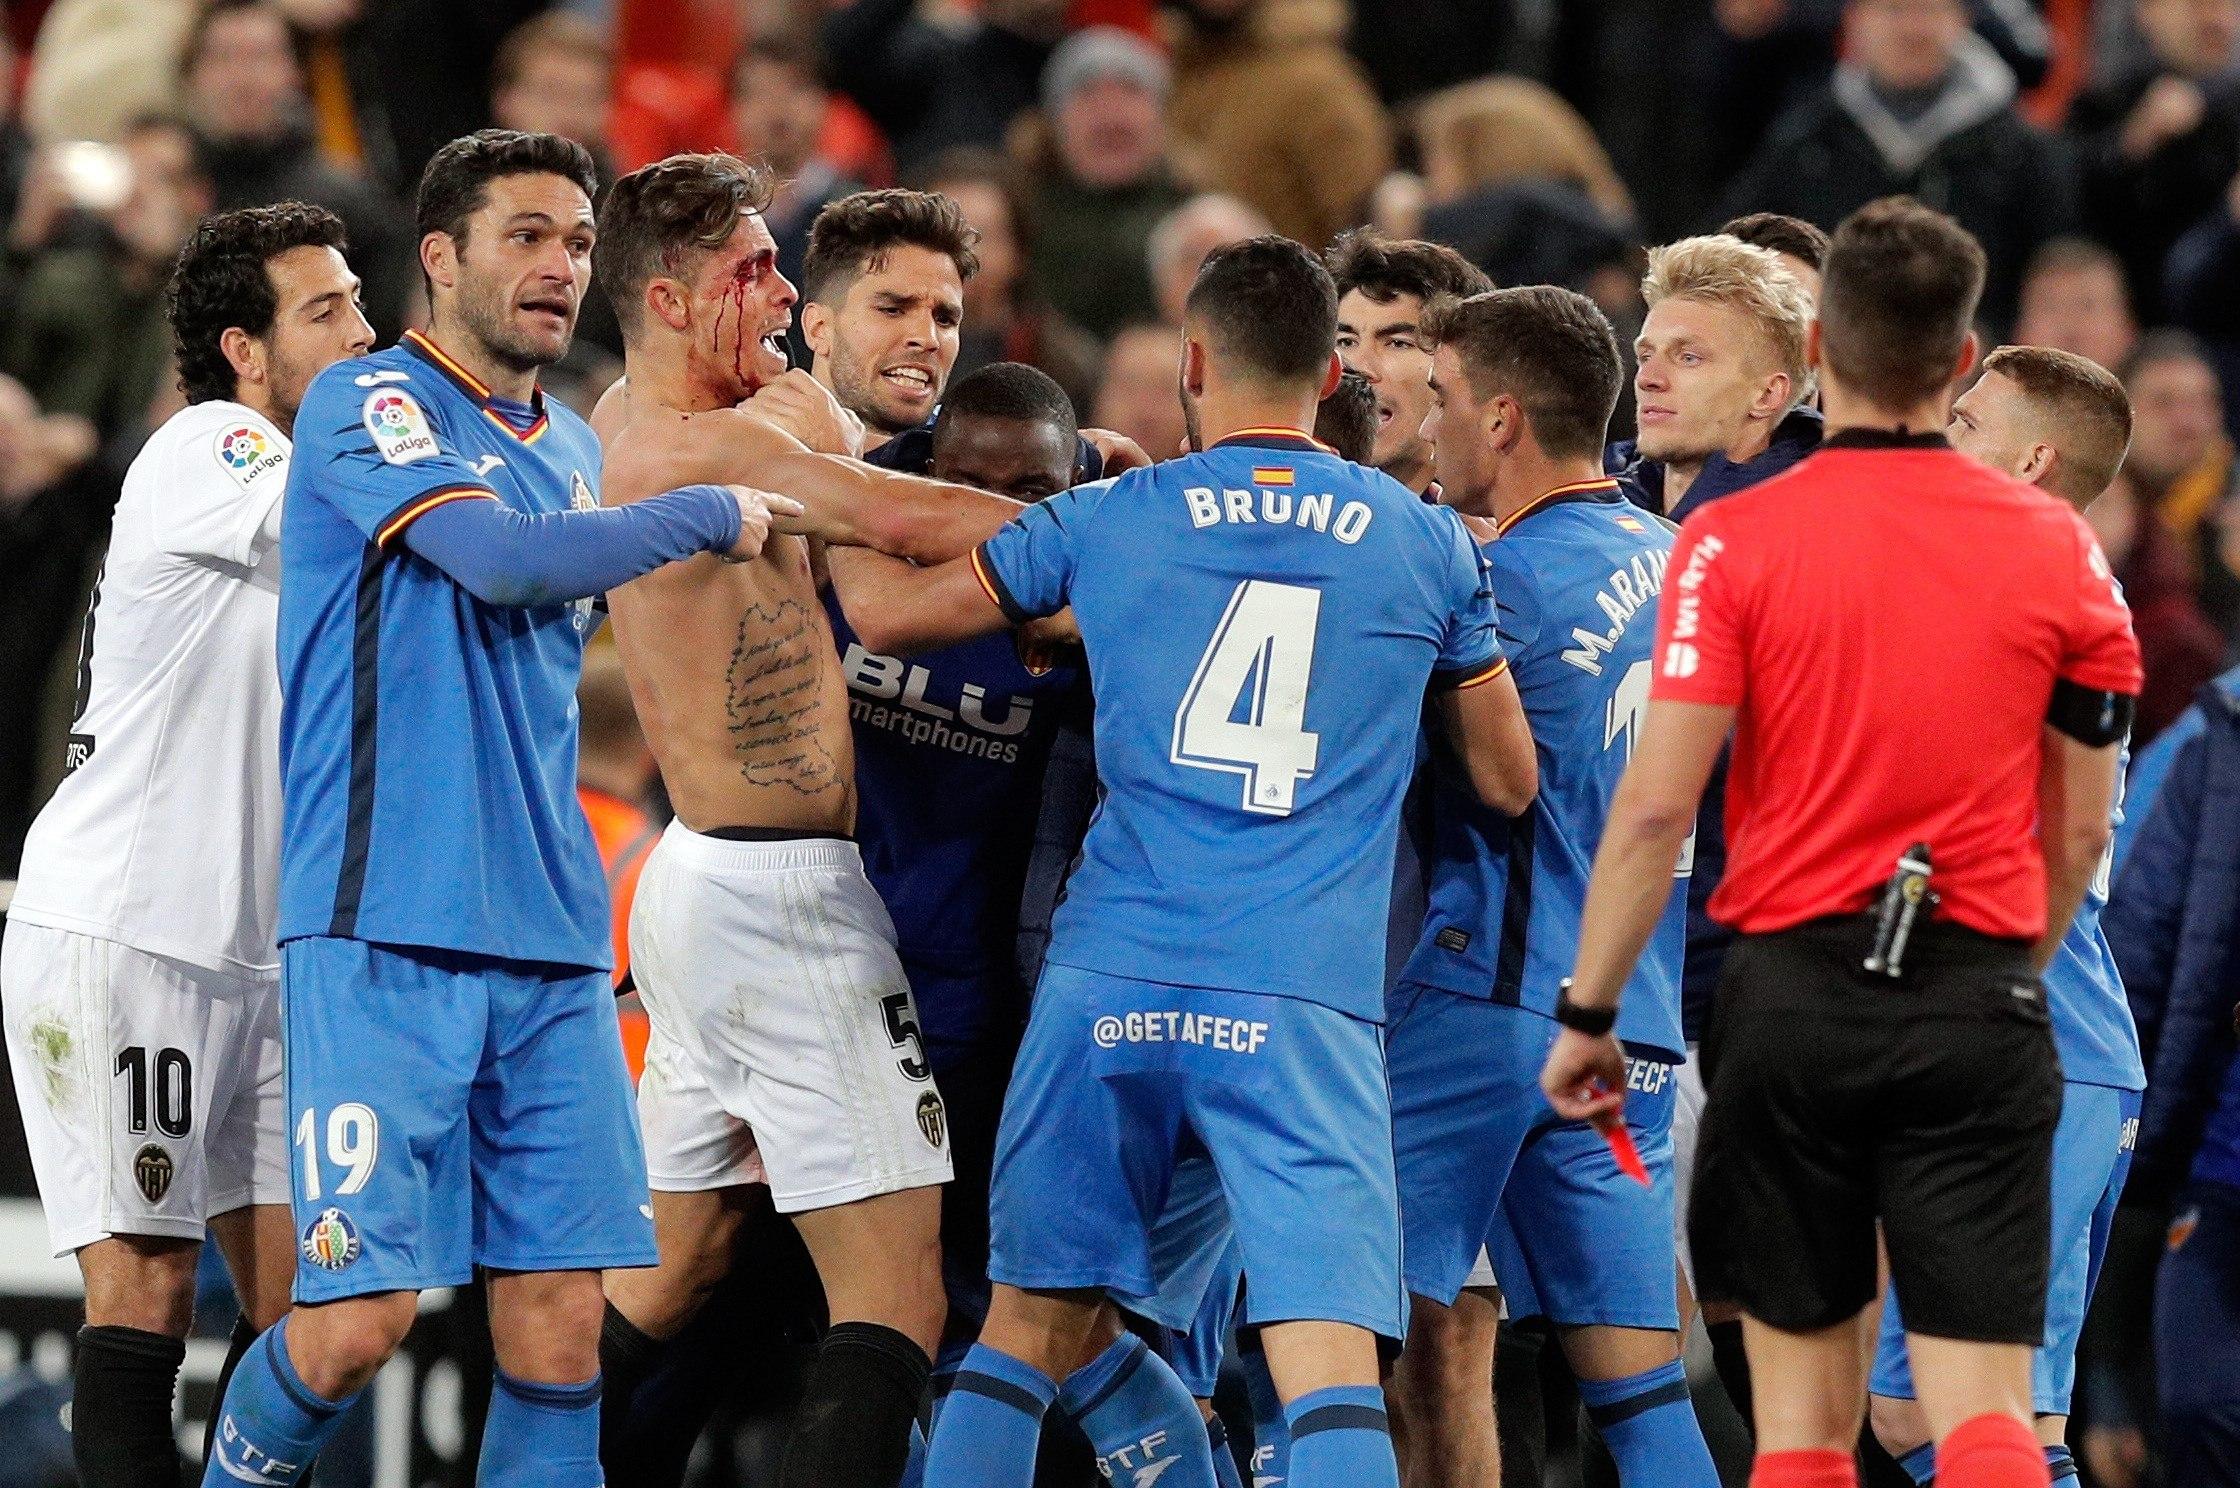 Vergonzoso final en Mestalla con agresiones e insultos entre los jugadores del Valencia y Getafe